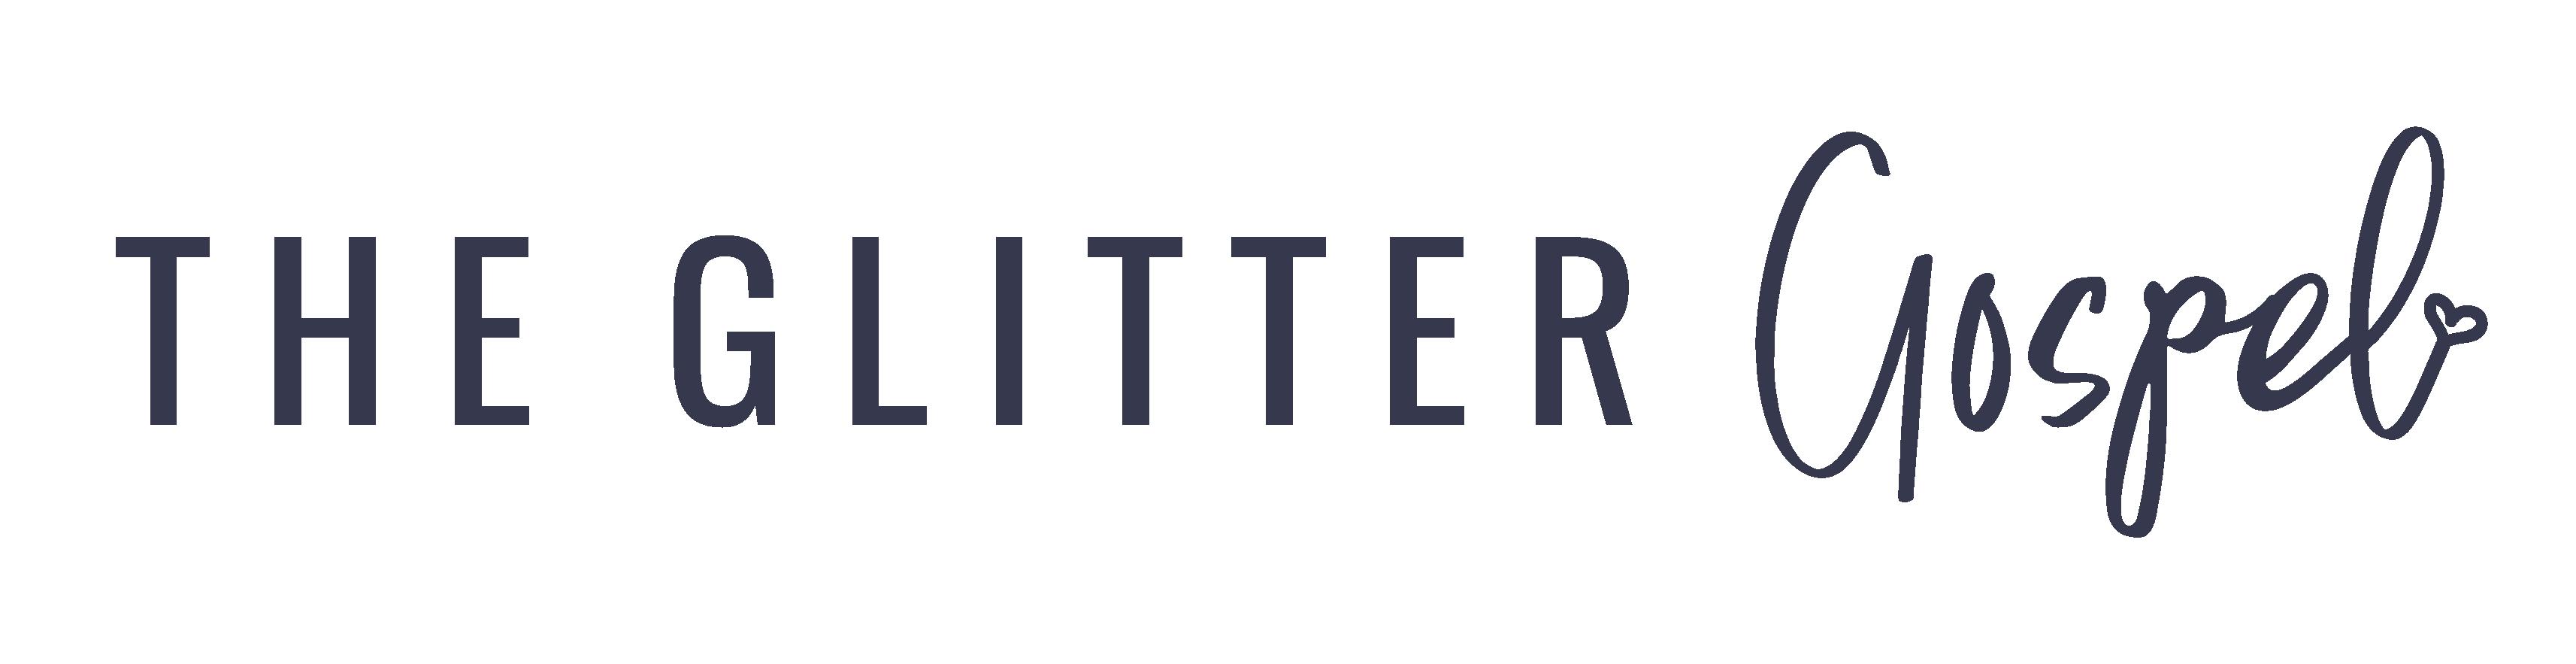 The Glitter Gospel